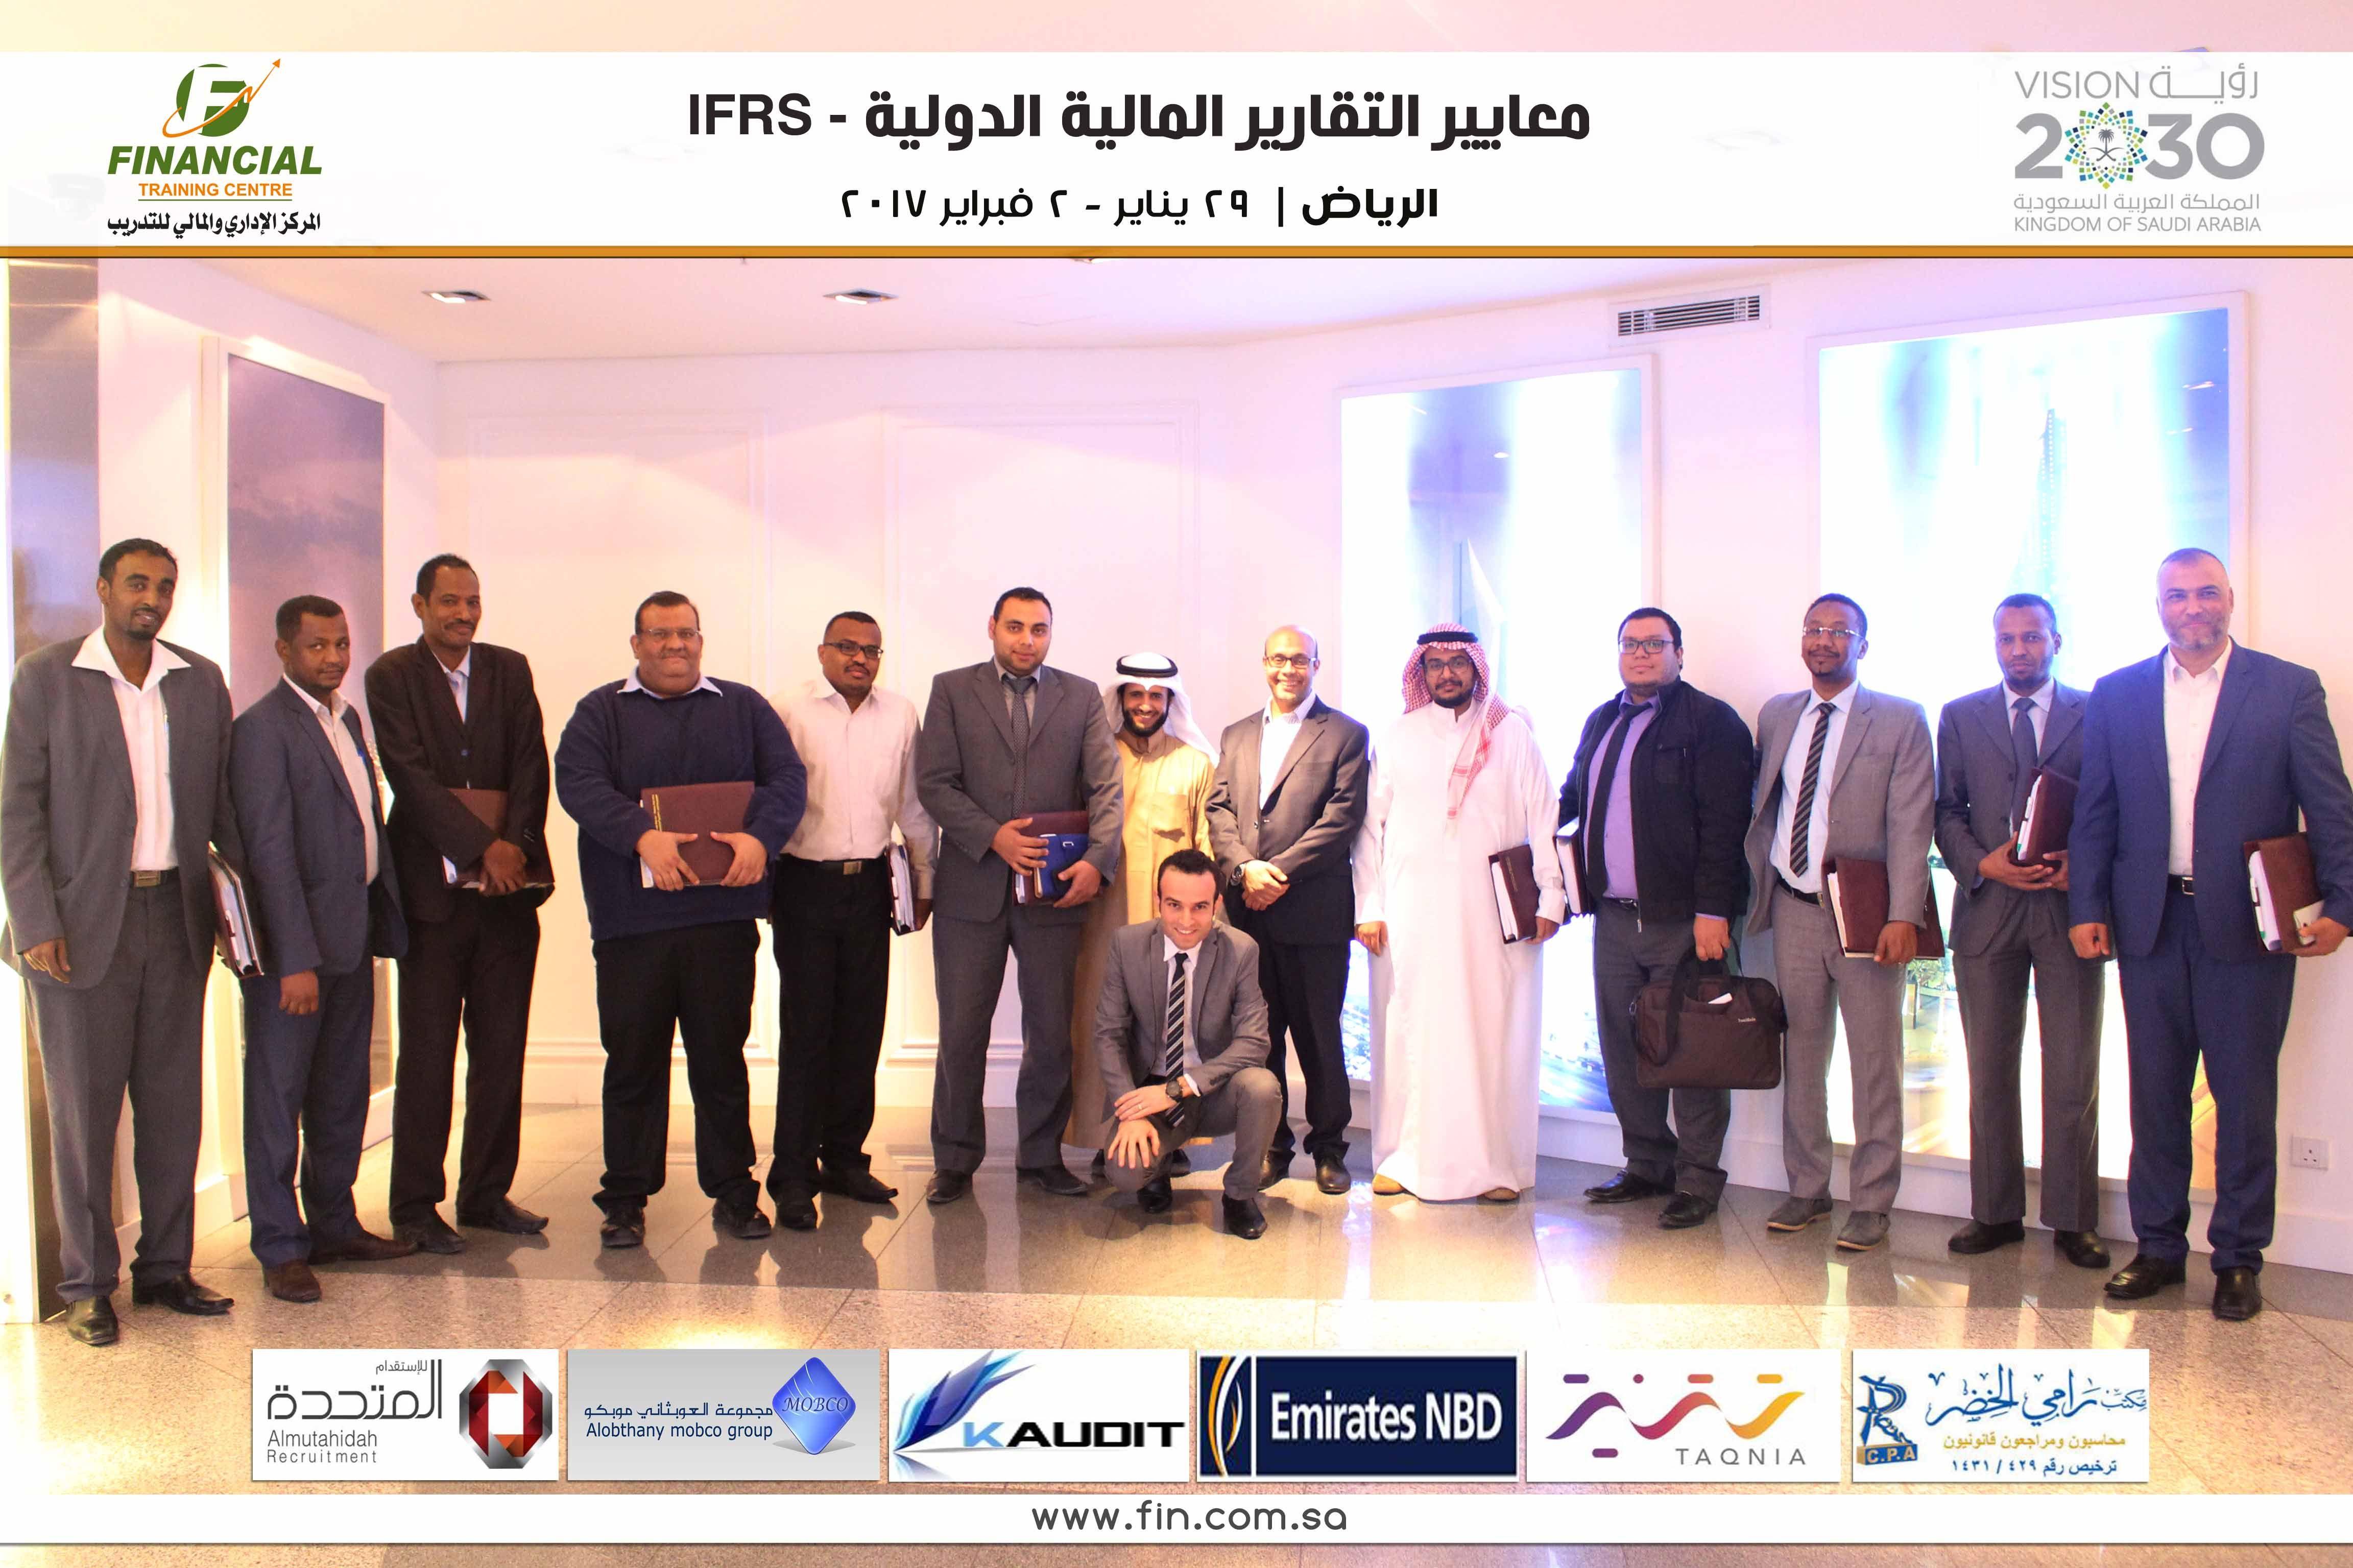 تمت بحمد الله دورة معايير التقارير المالية الدولية Ifrs في مدينة الرياض بتاريخ 29 يناير 2017 ولمدة خمسة ايام Financial Movie Posters Movies